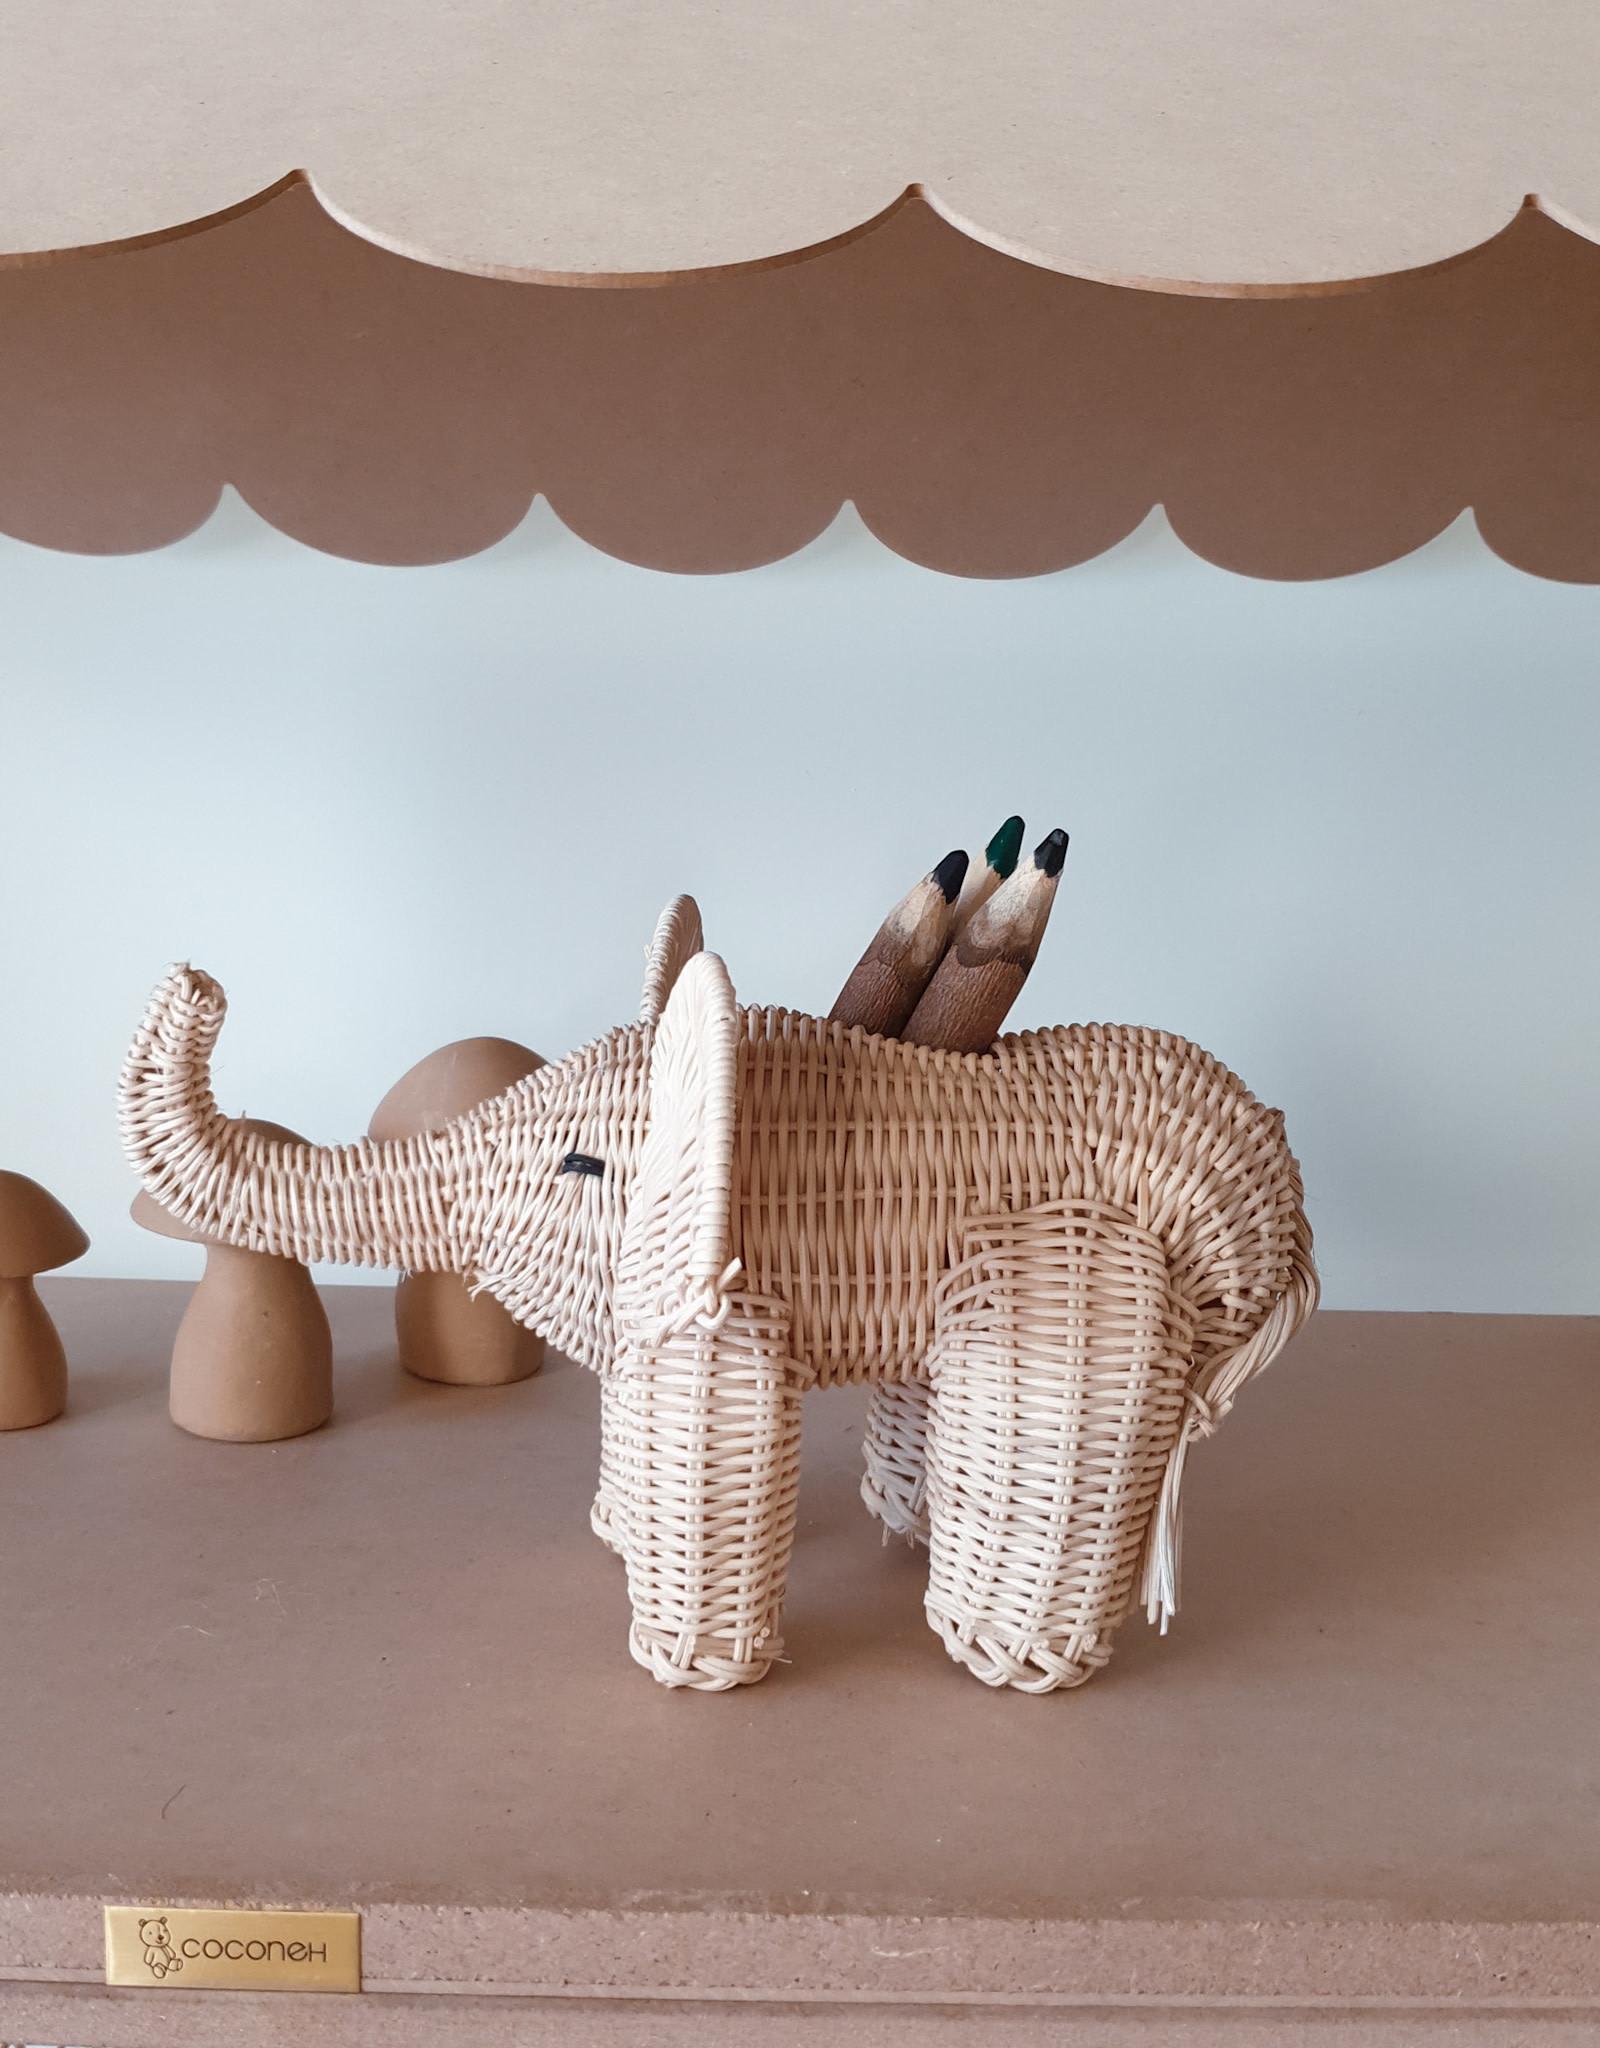 Coconeh Porte-crayon Nestor l'éléphant